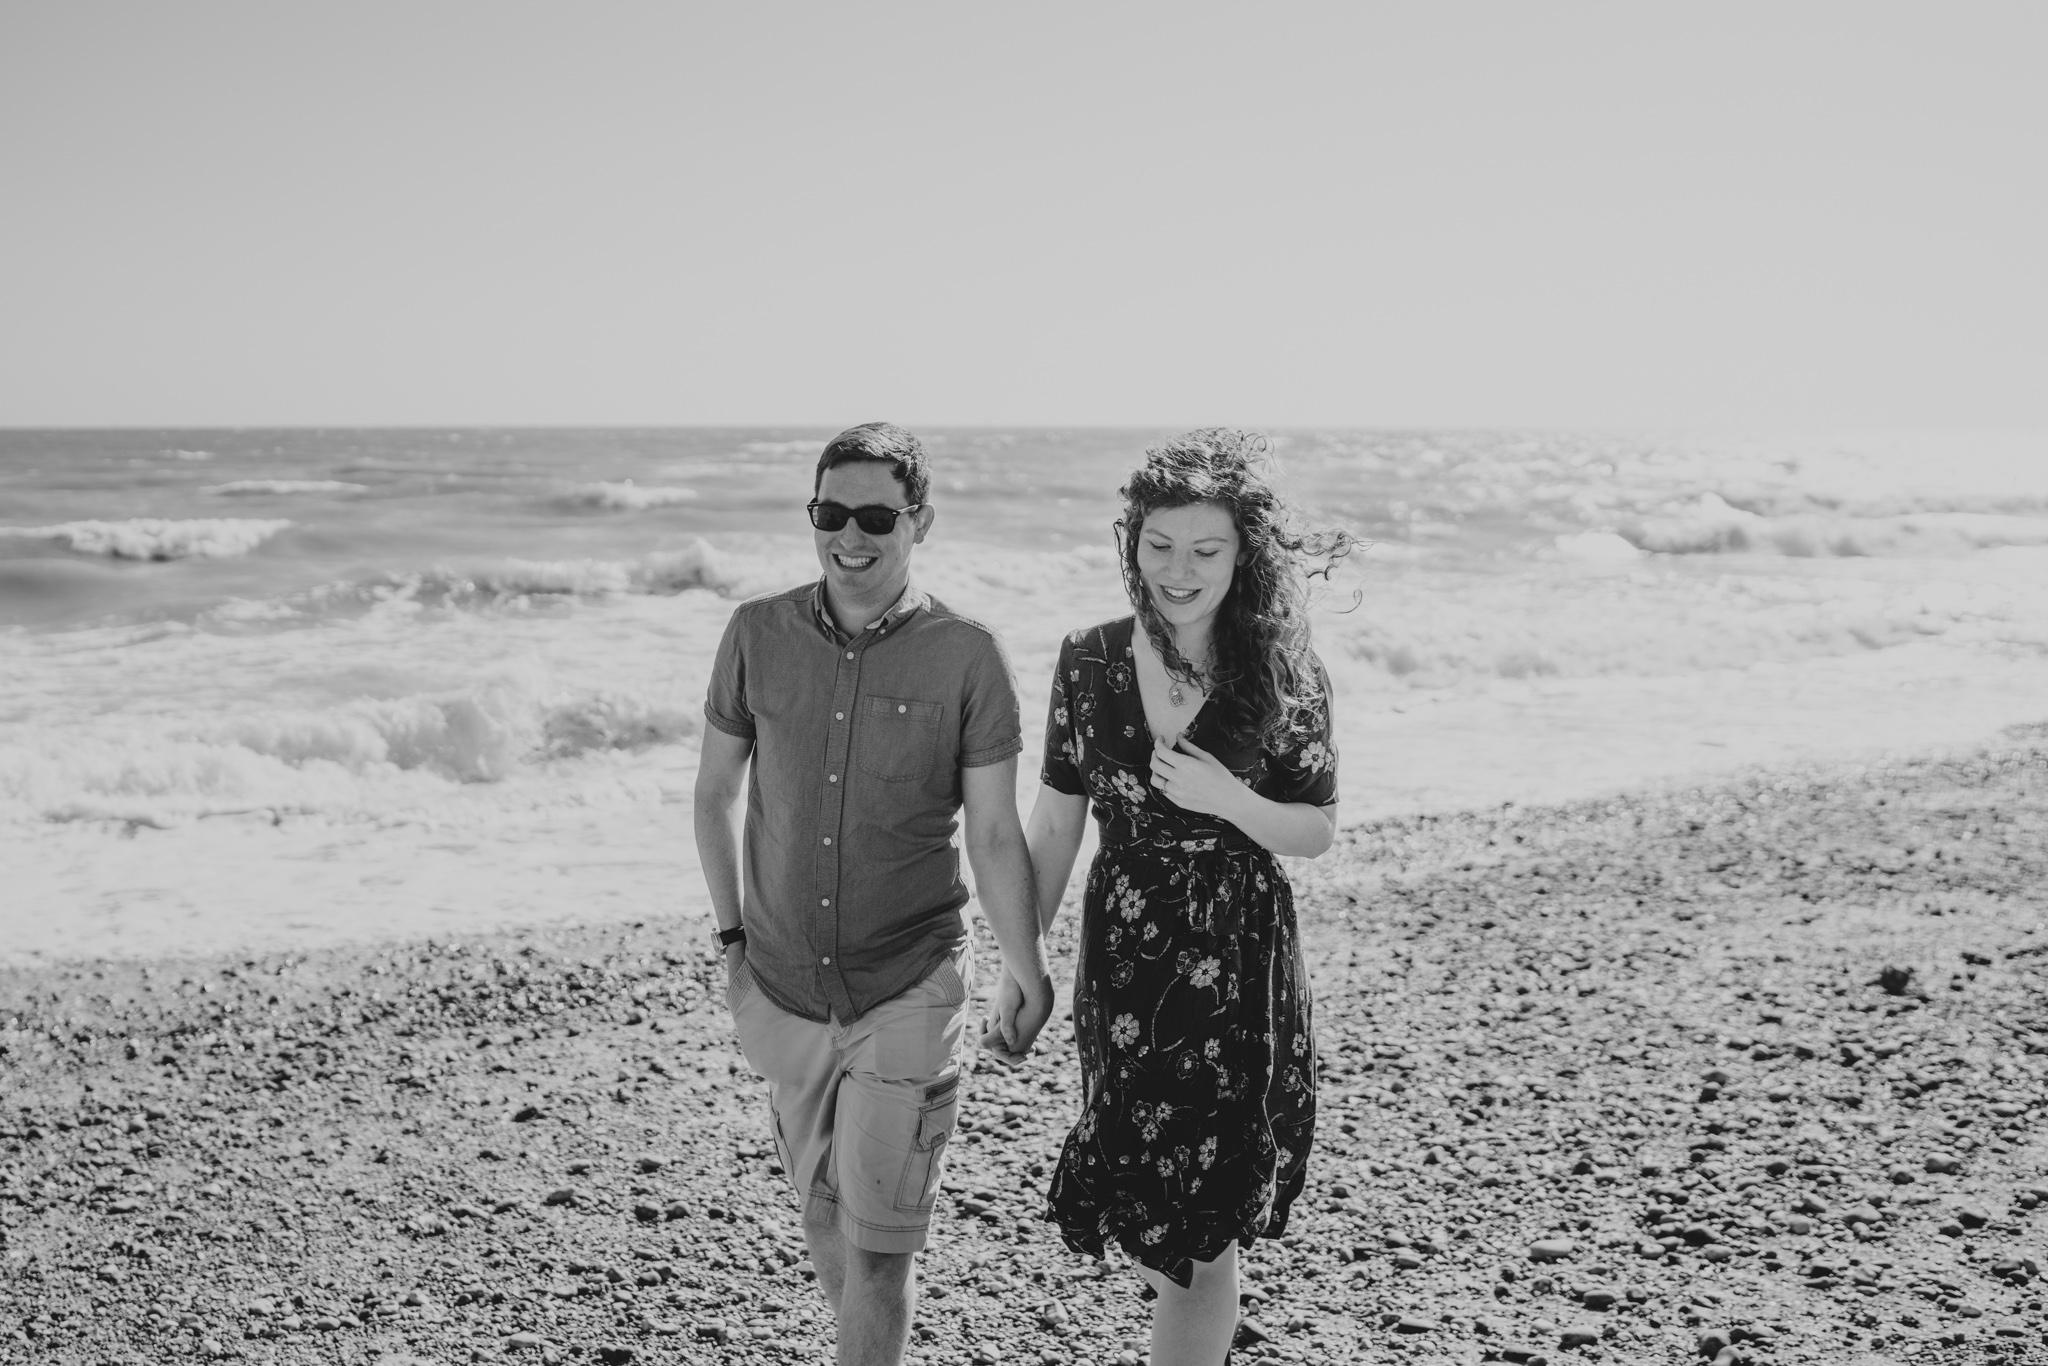 philippa-mark-pre-wedding-session-brighton-pier-colchester-grace-elizabeth-colchester-essex-alternative-wedding-lifestyle-photographer-essex-suffolk-norfolk-devon-7.jpg